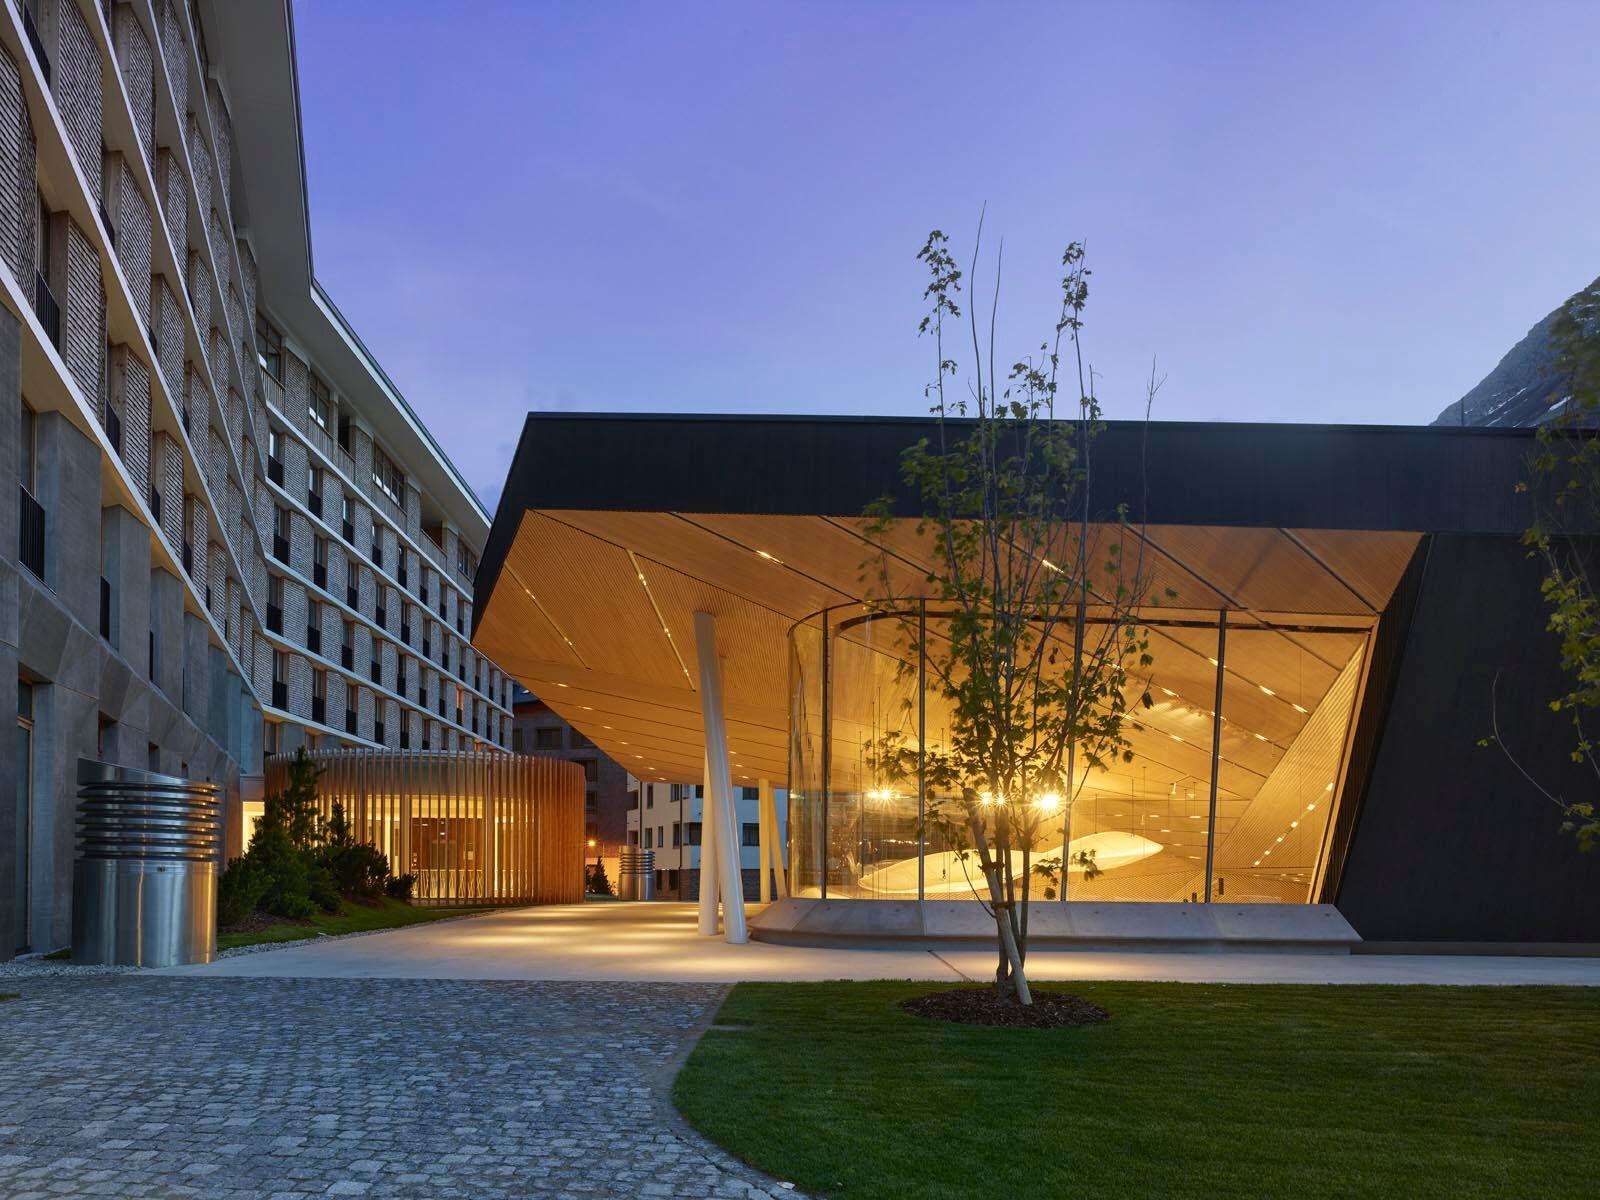 Auch bei Nacht macht das Gebäude Eindruck. (Bild: Roland Halbe, Andermatt, 14. Juni 2019)